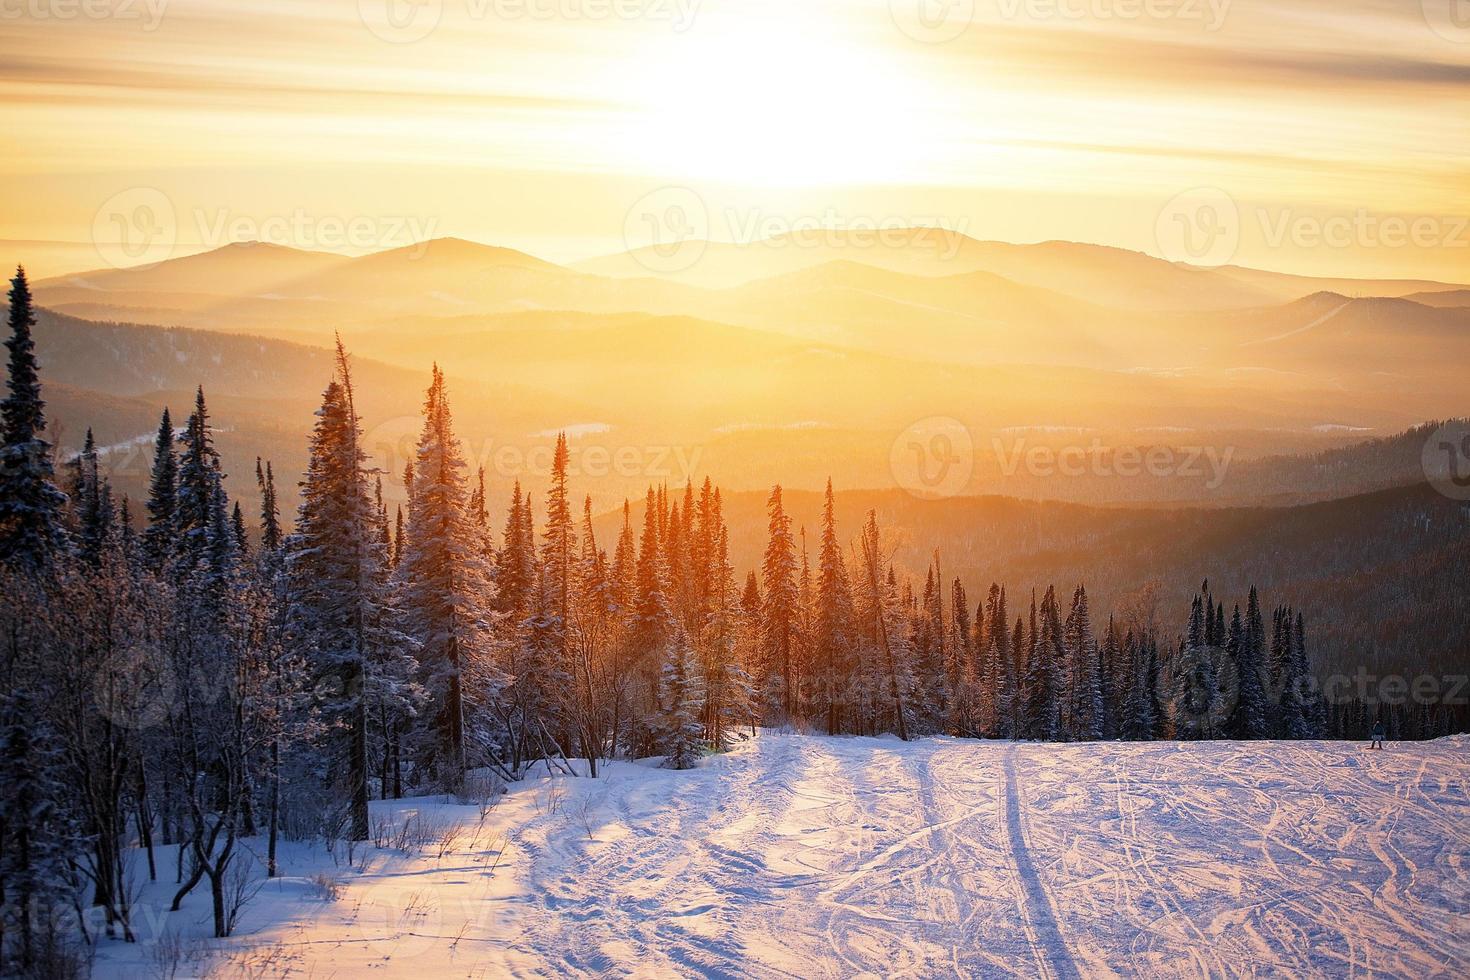 pôr do sol floresta inverno foto